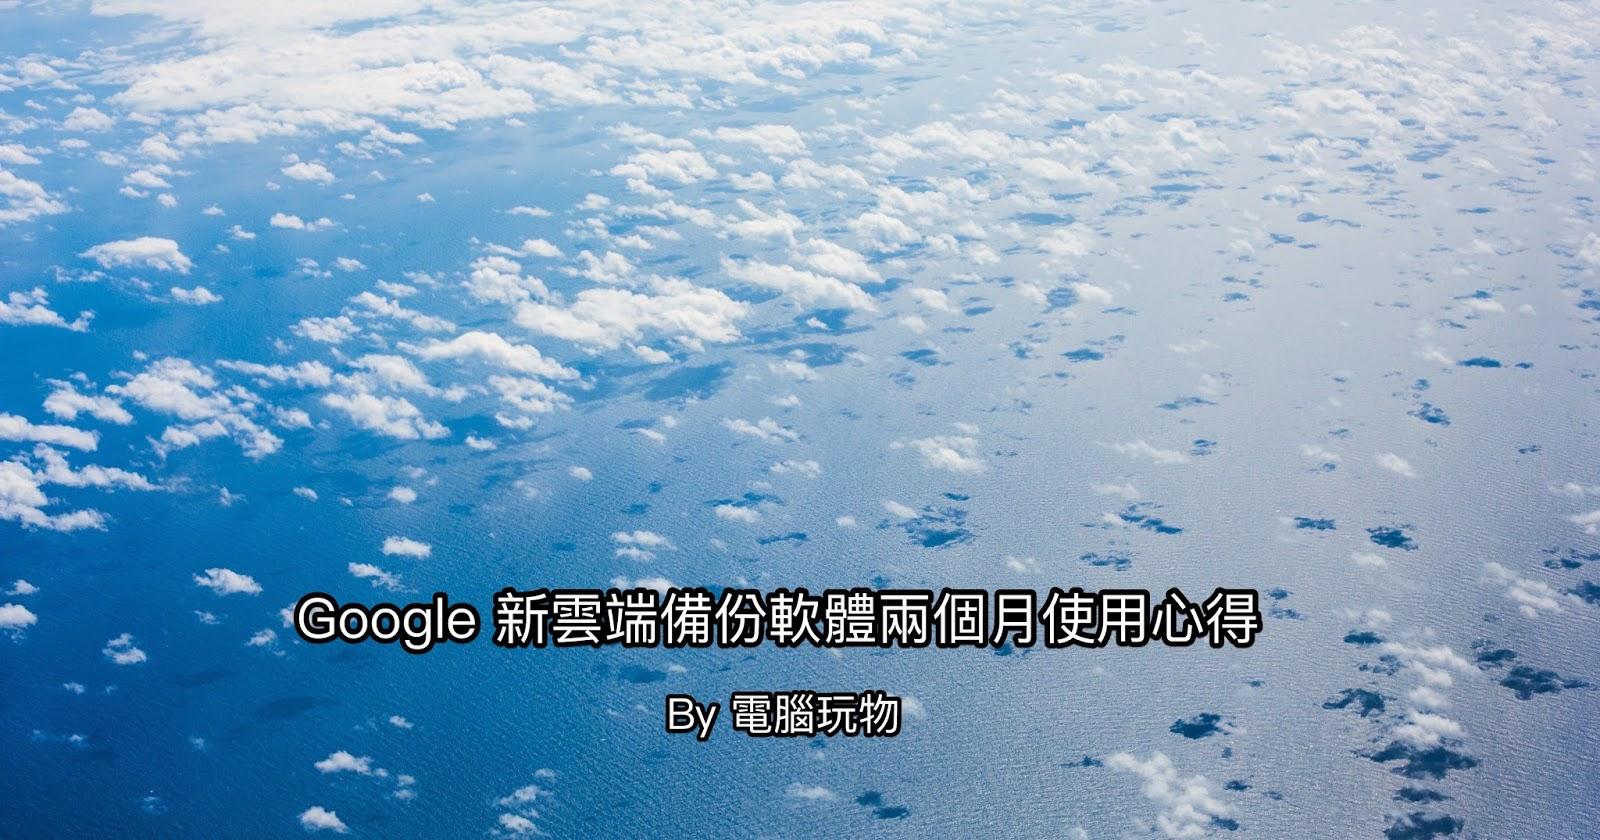 Google 備份與同步處理軟體使用兩個月心得:優缺點與最佳化